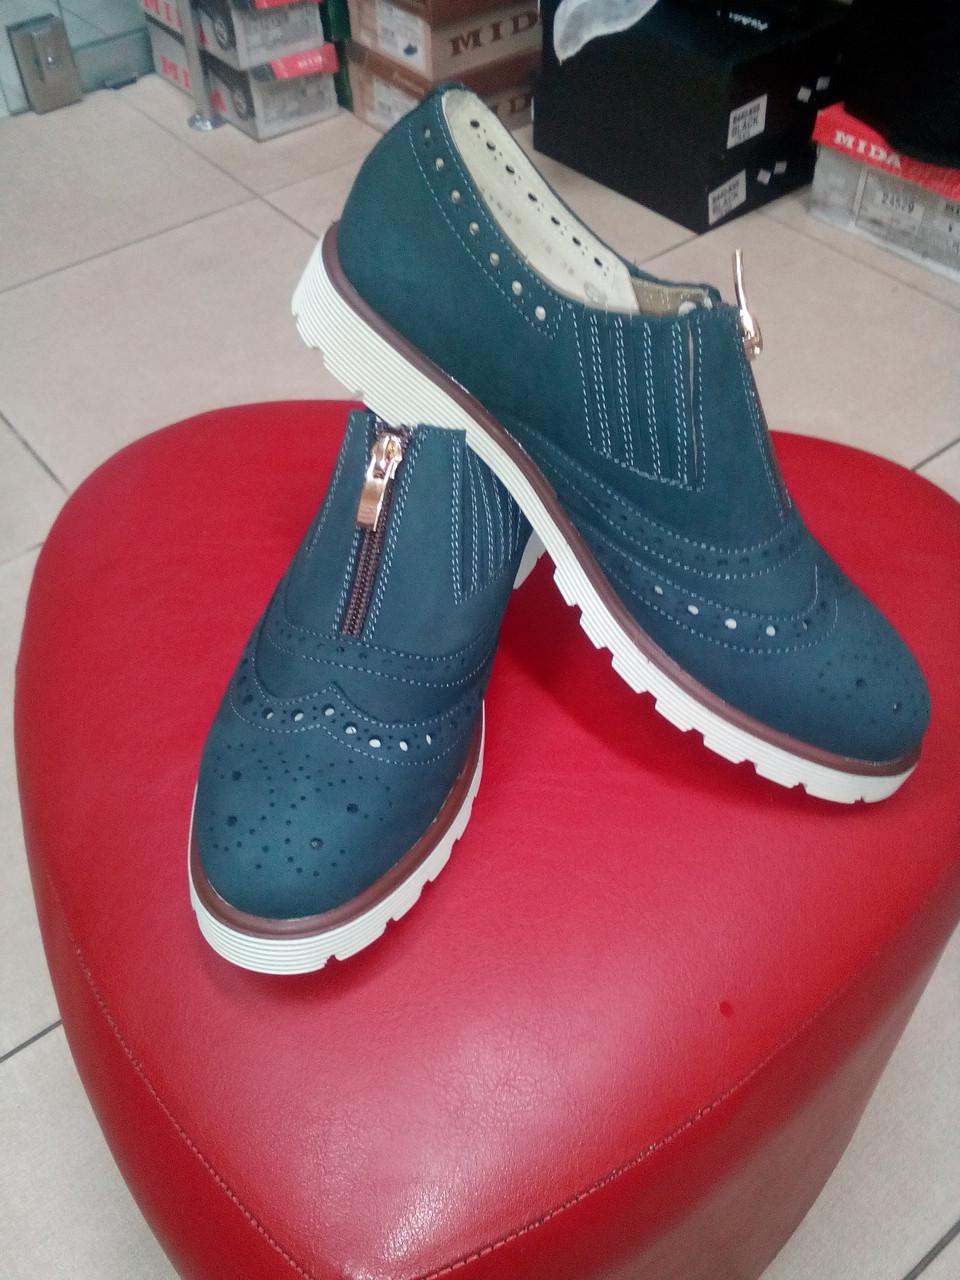 Стильные  туфли из нубука на низком ходу МИДА 21439 цвет мокрый асфальт.